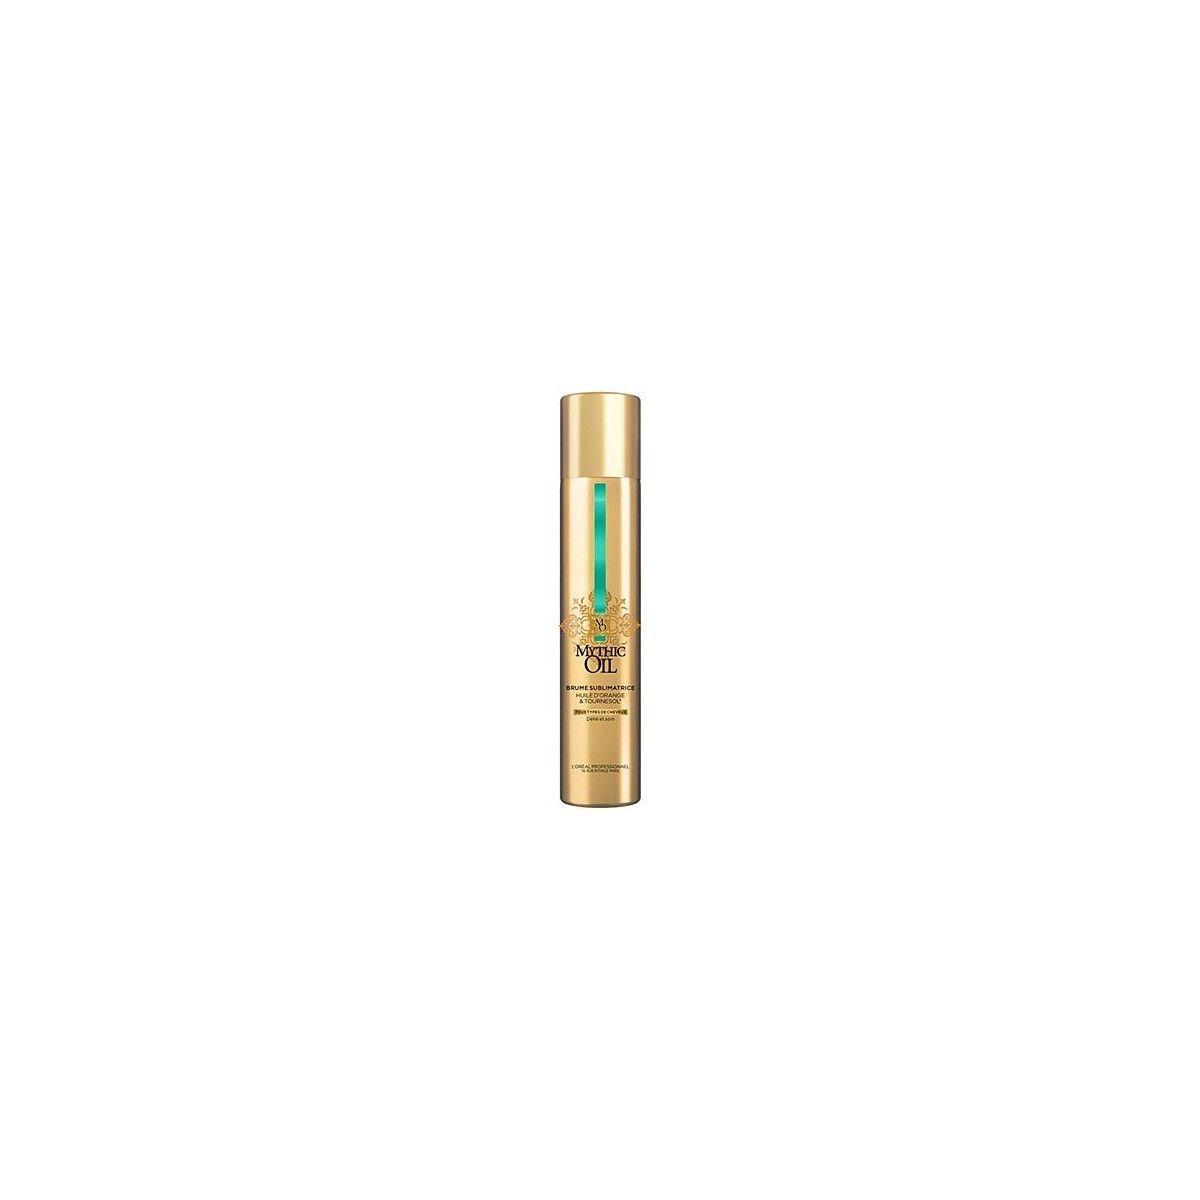 Loreal Mythic Oil Brume Sublimatrice, sucha odżywka w sprayu, nawilża i chroni 90ml